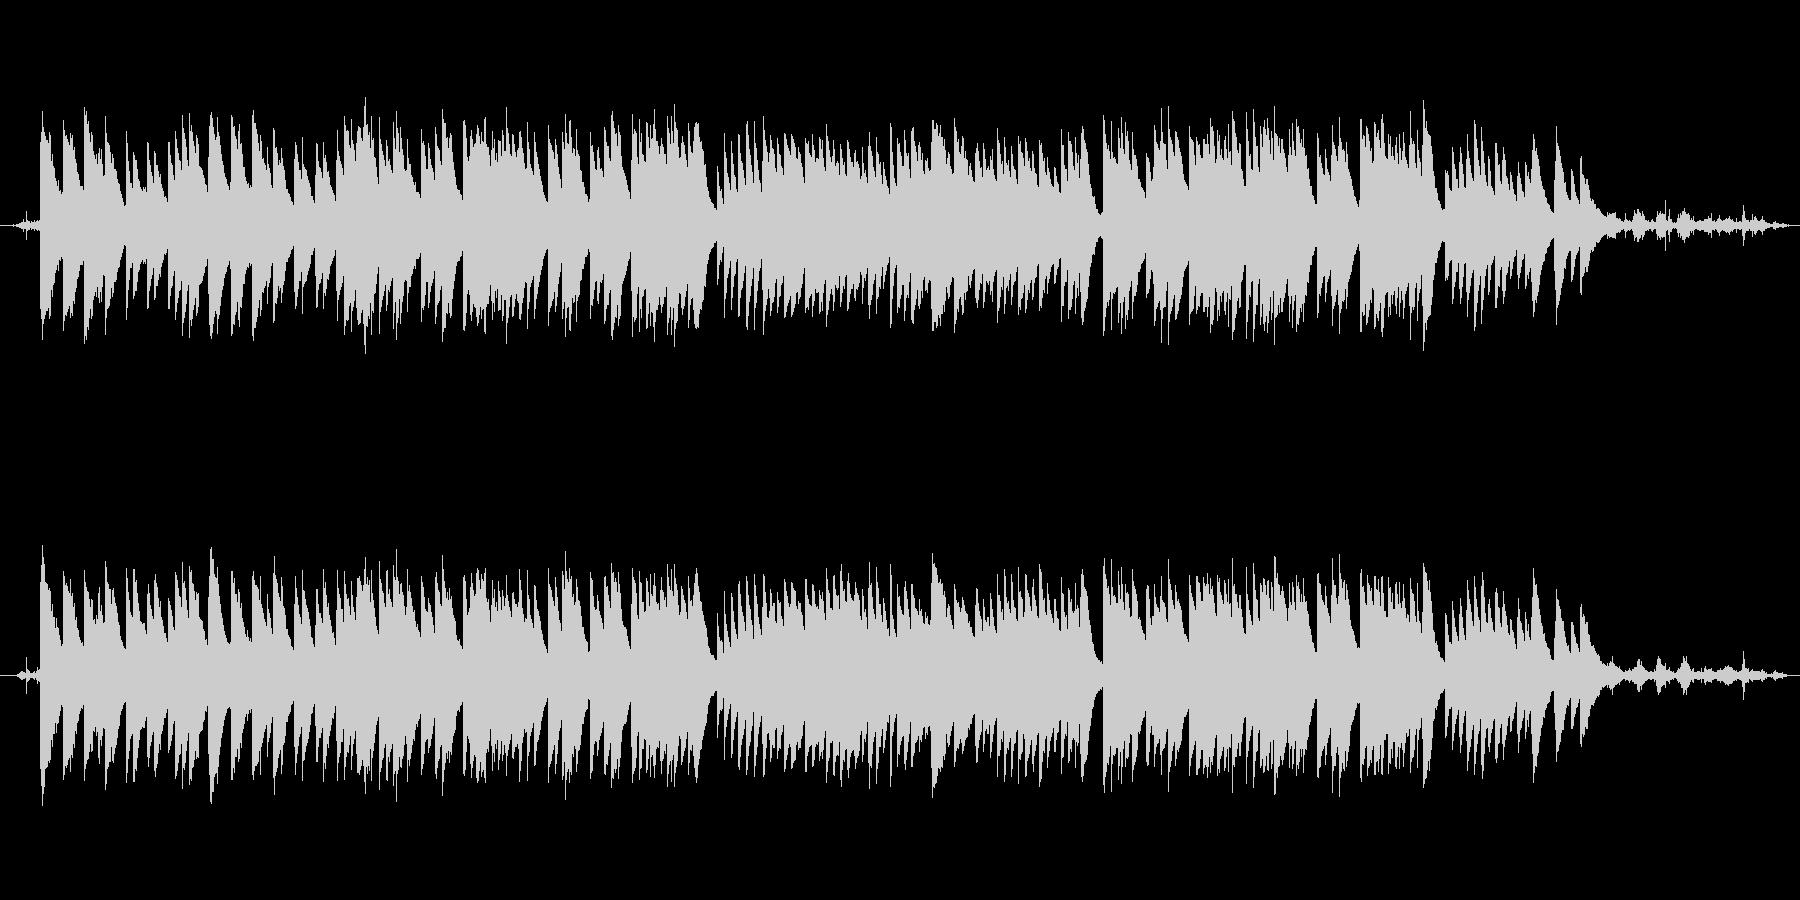 穏やかな波音と癒しのオルゴールの未再生の波形